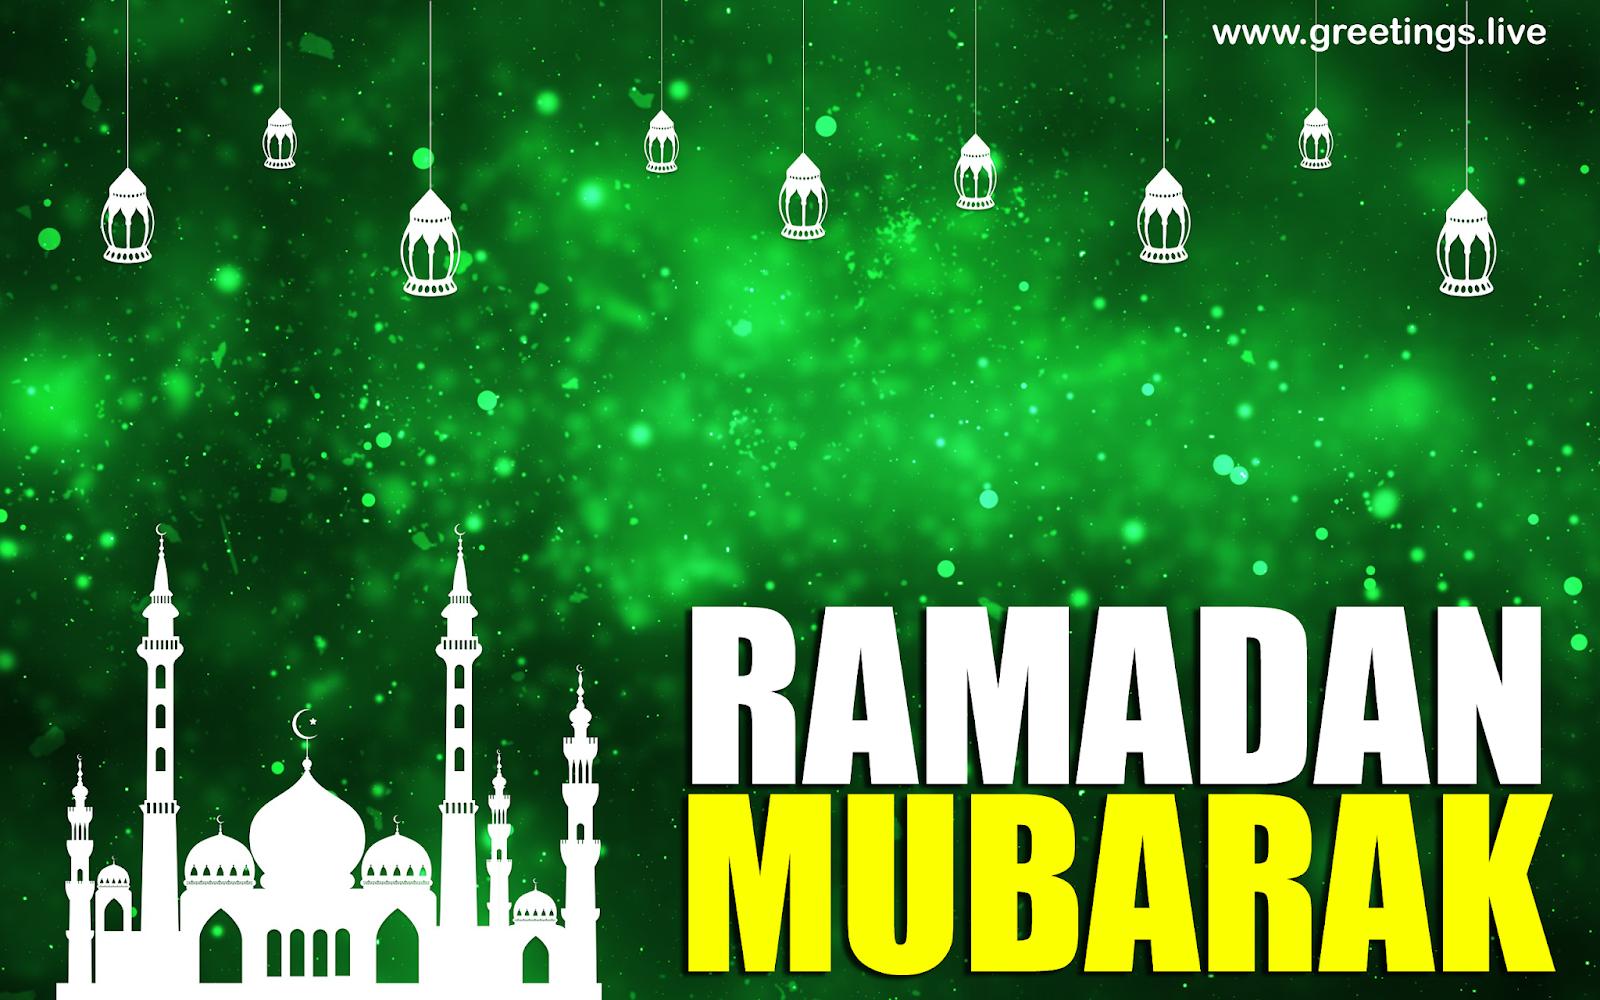 Ramadan mubarak images download 2019